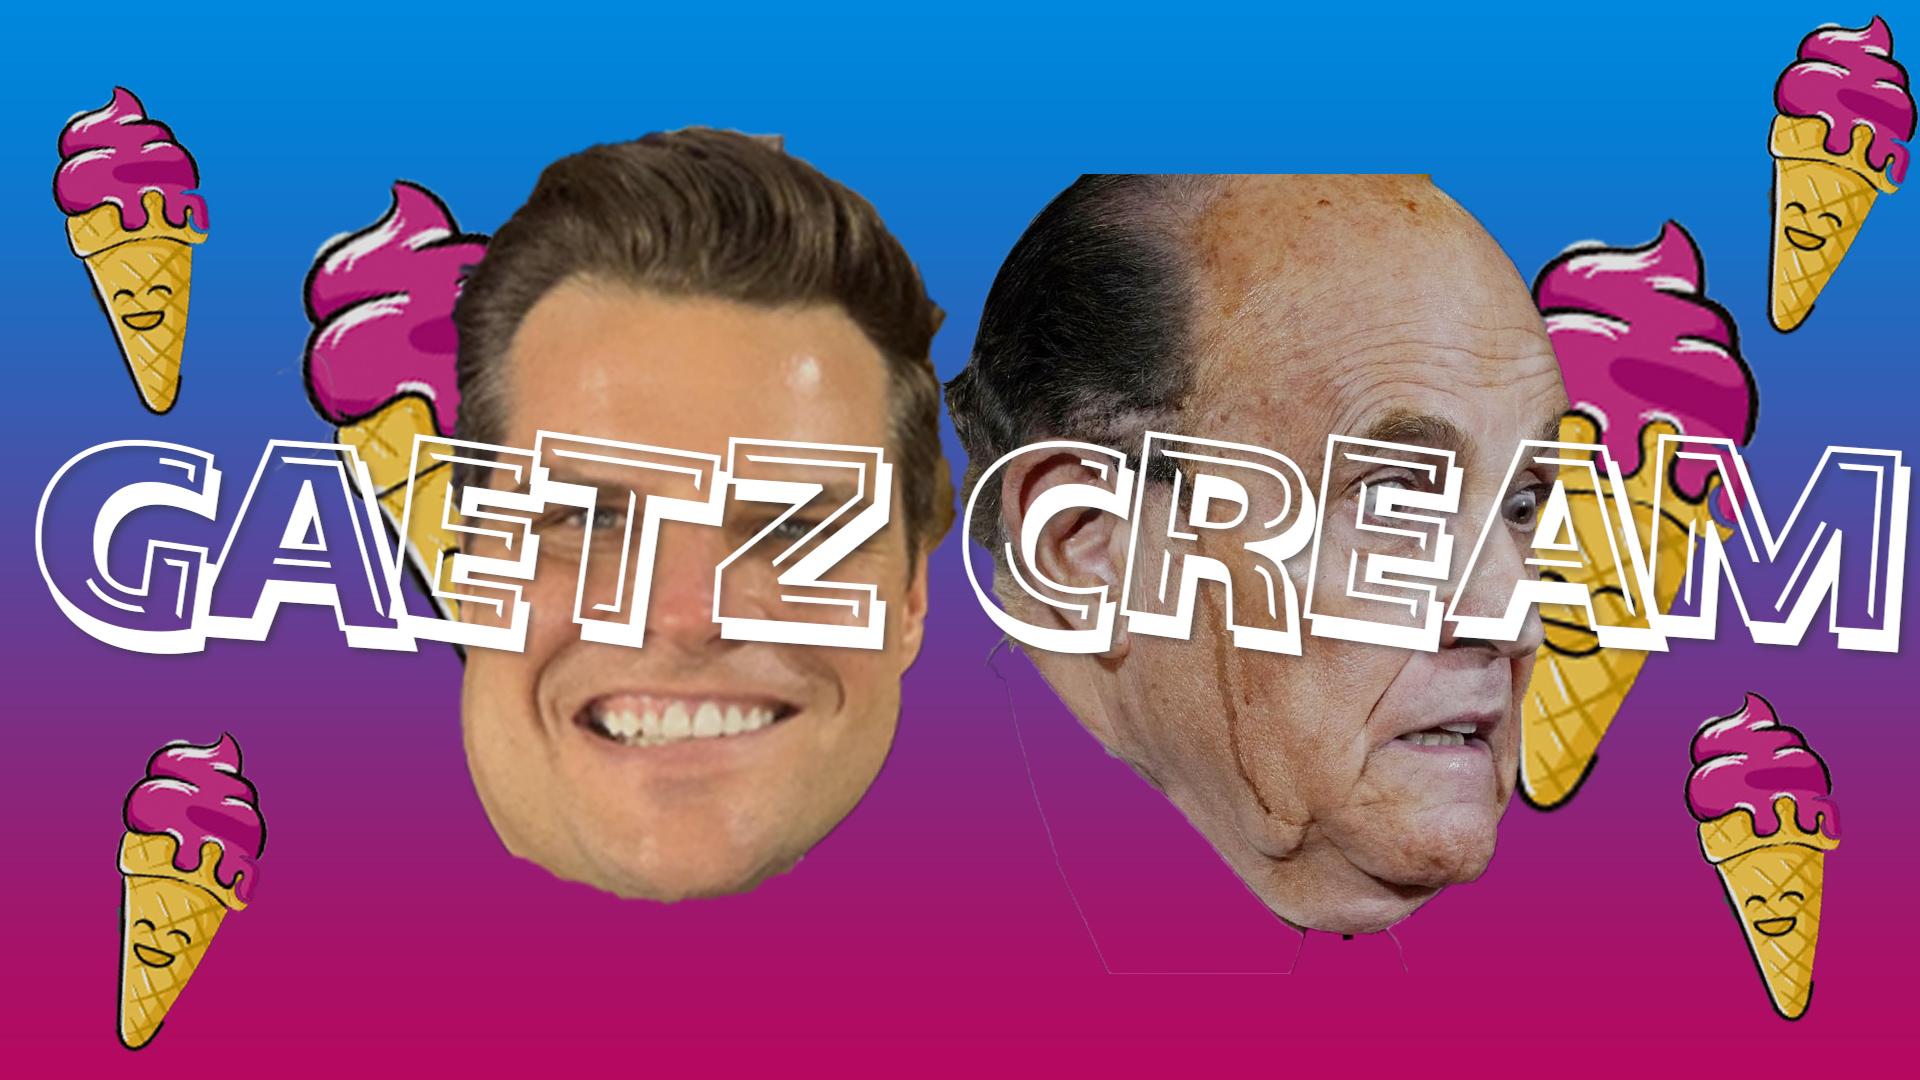 Gaetz Cream